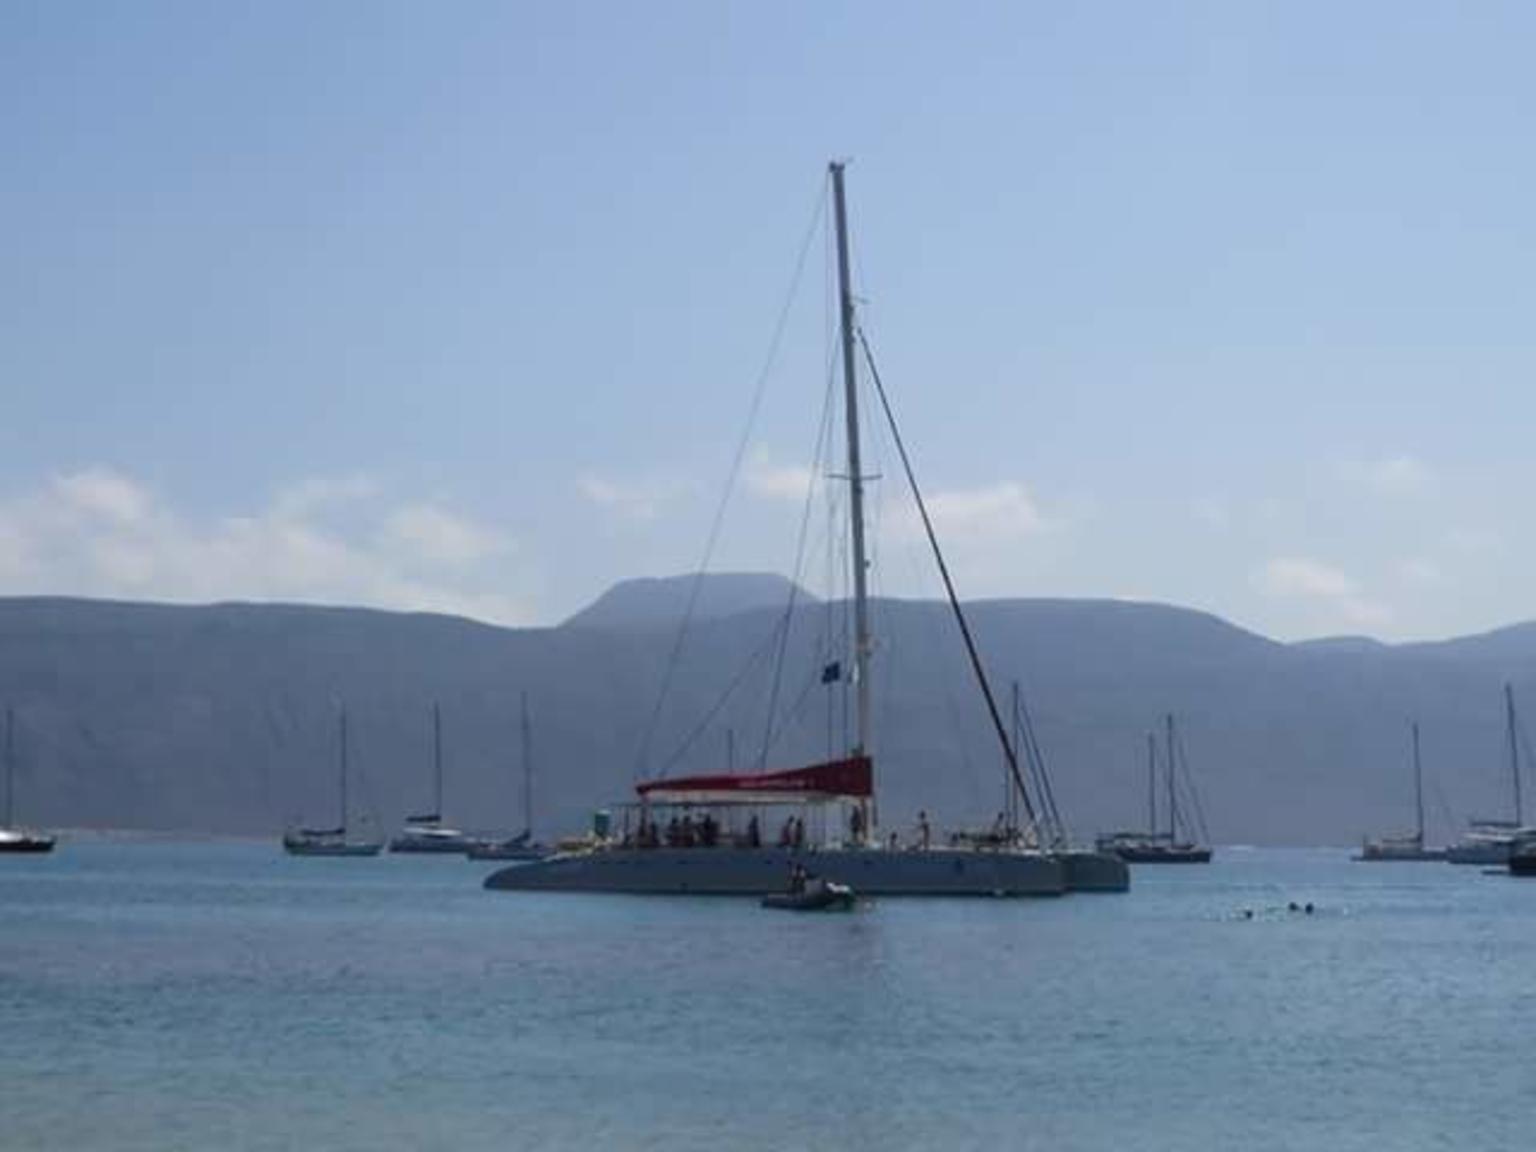 MÁS FOTOS, Day Sail to La Graciosa